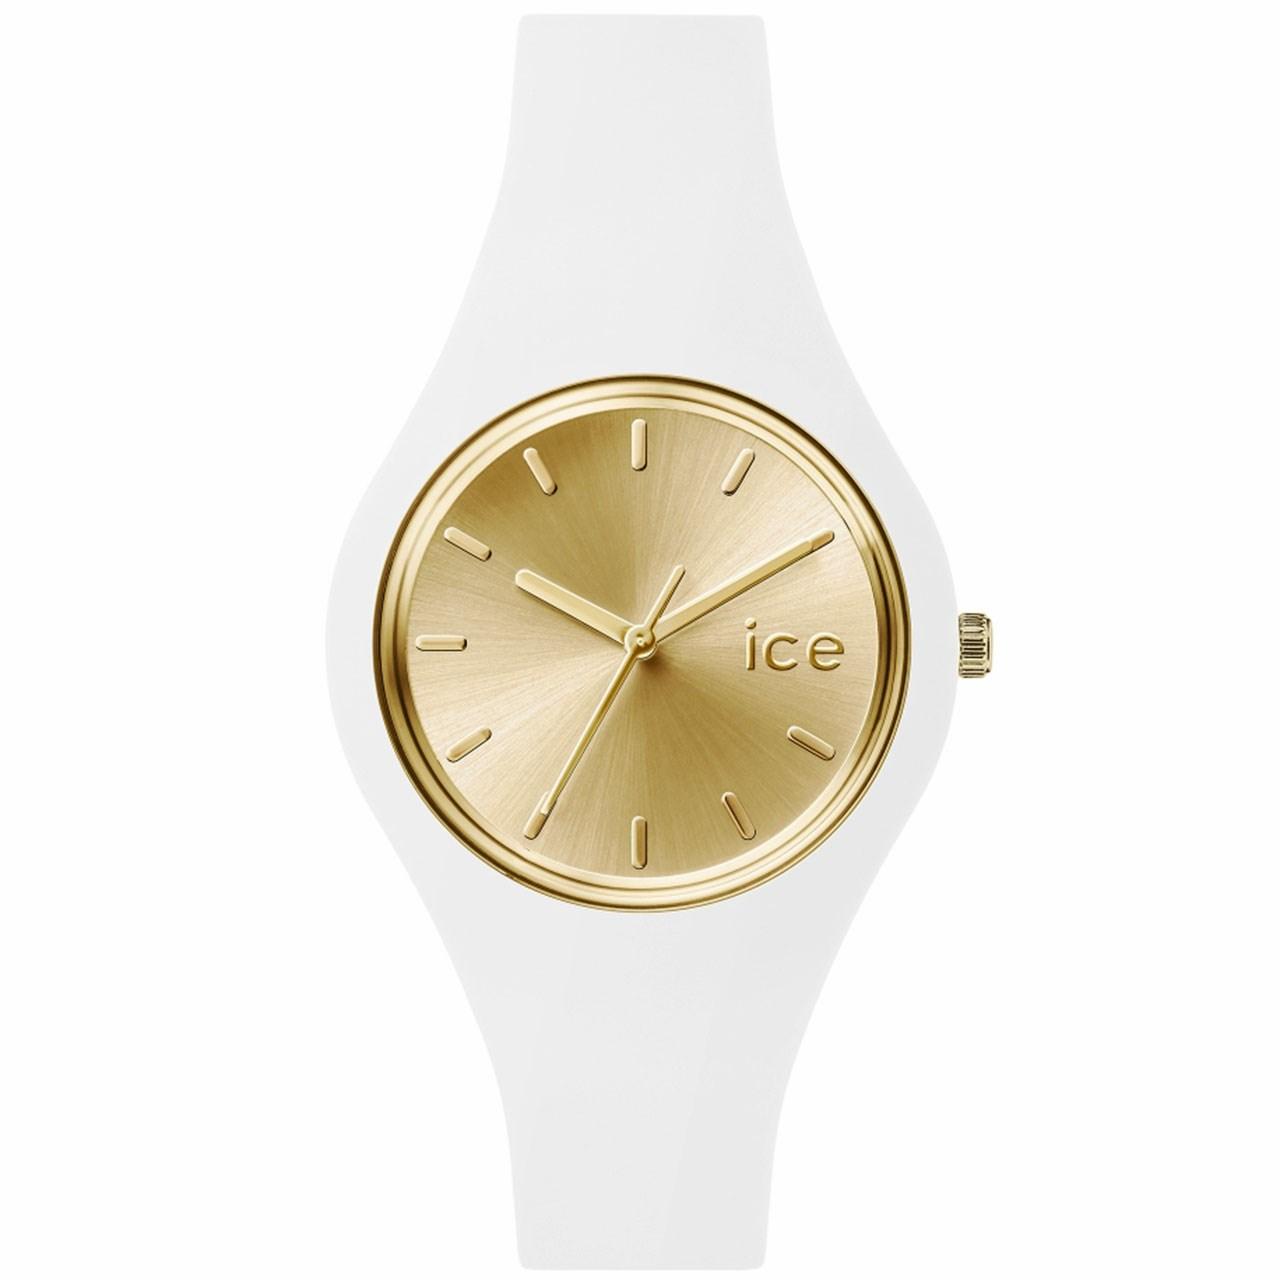 ساعت مچی عقربه ای زنانه آیس واچ مدل ICE.CC.WGD.S.S.15 19